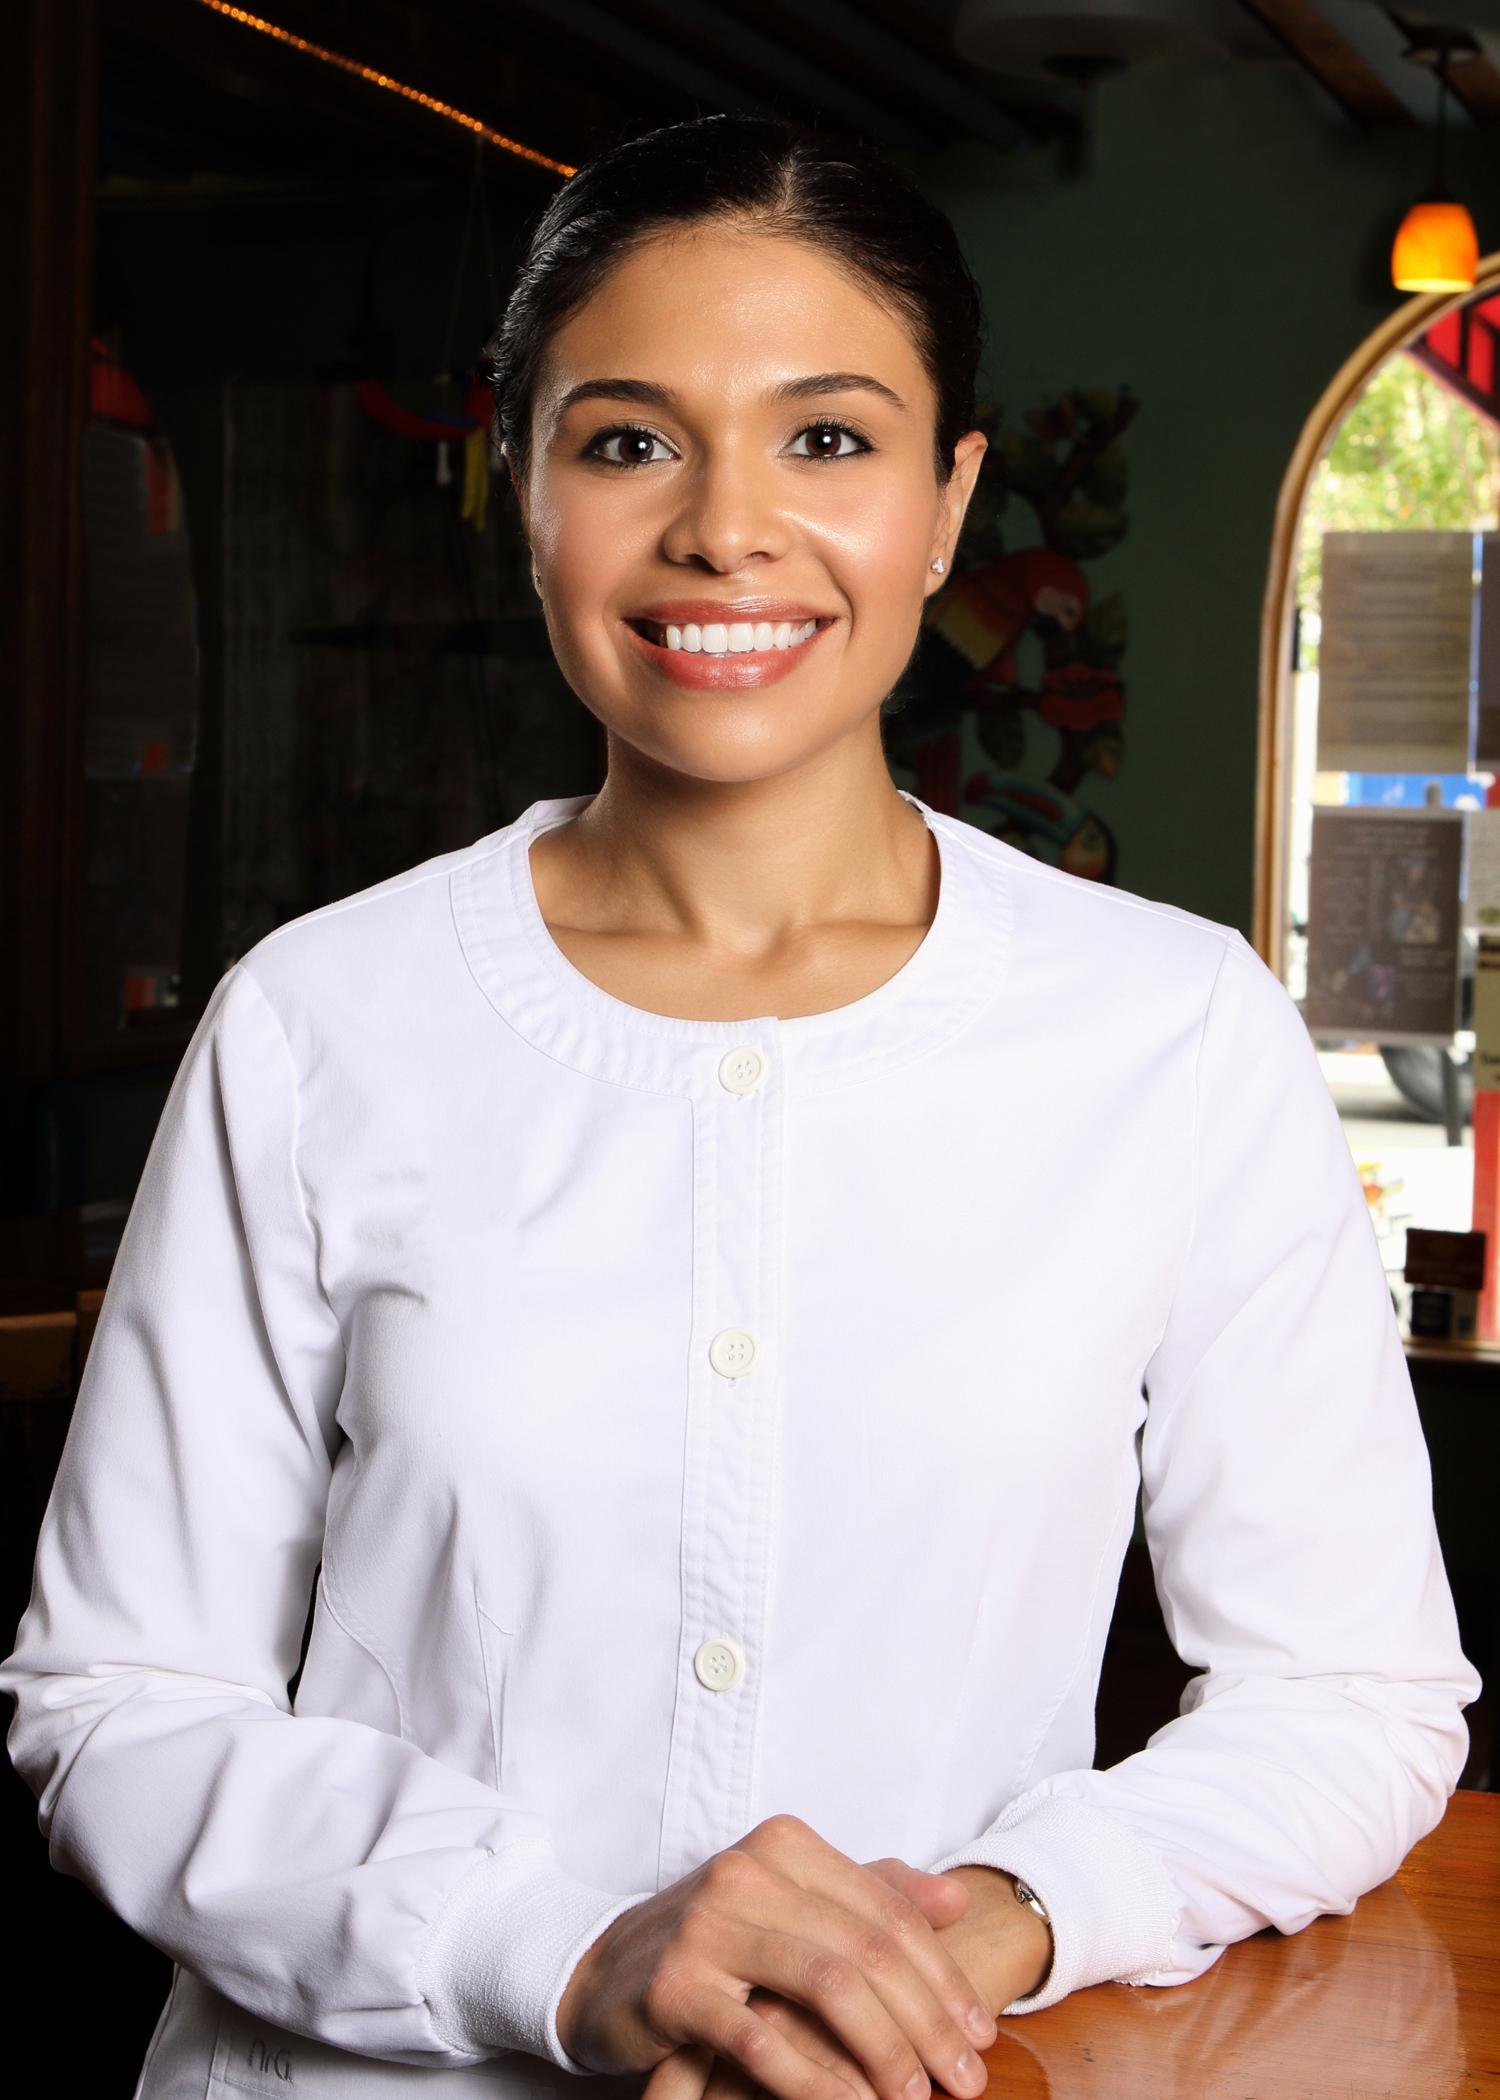 Jaclyne Herrera, DMD